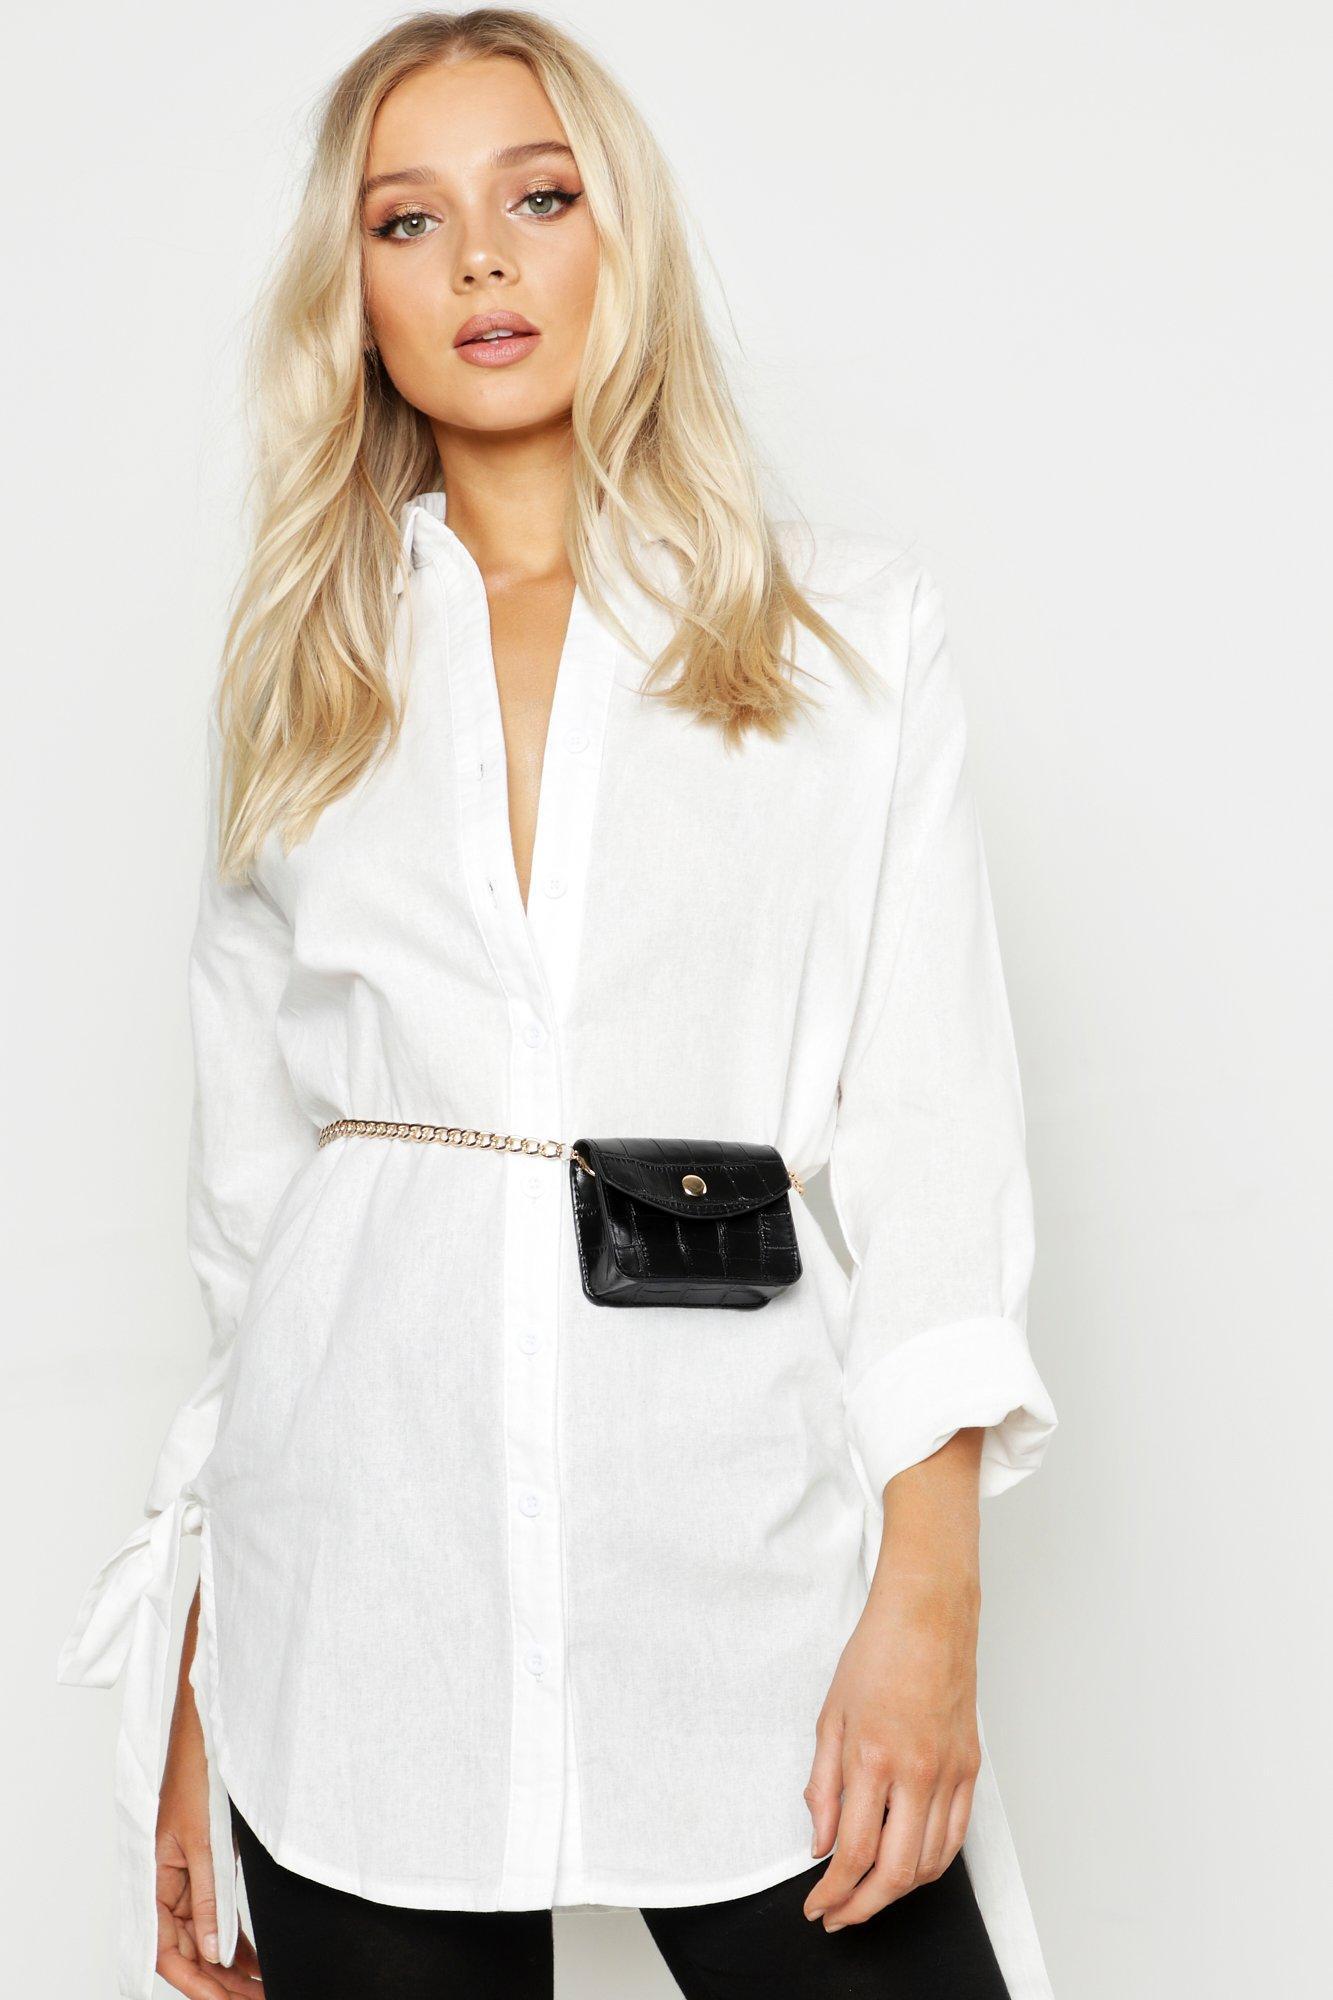 boohoo Womens Mini Croc Chain Belt Bag - Black - One Size, Black